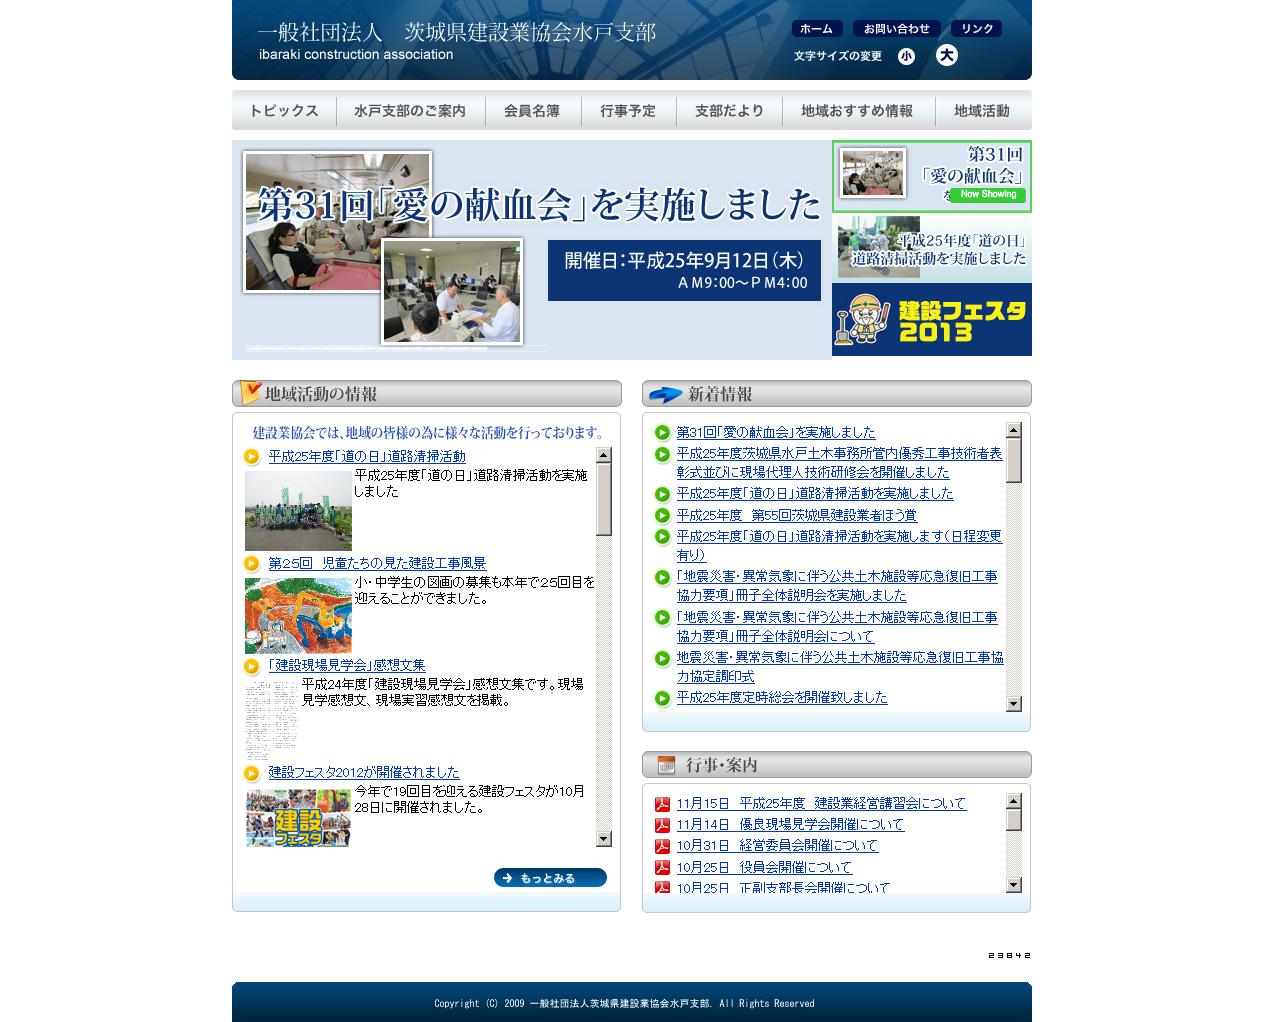 茨城県建設業協会水戸支部様の実績イメージ